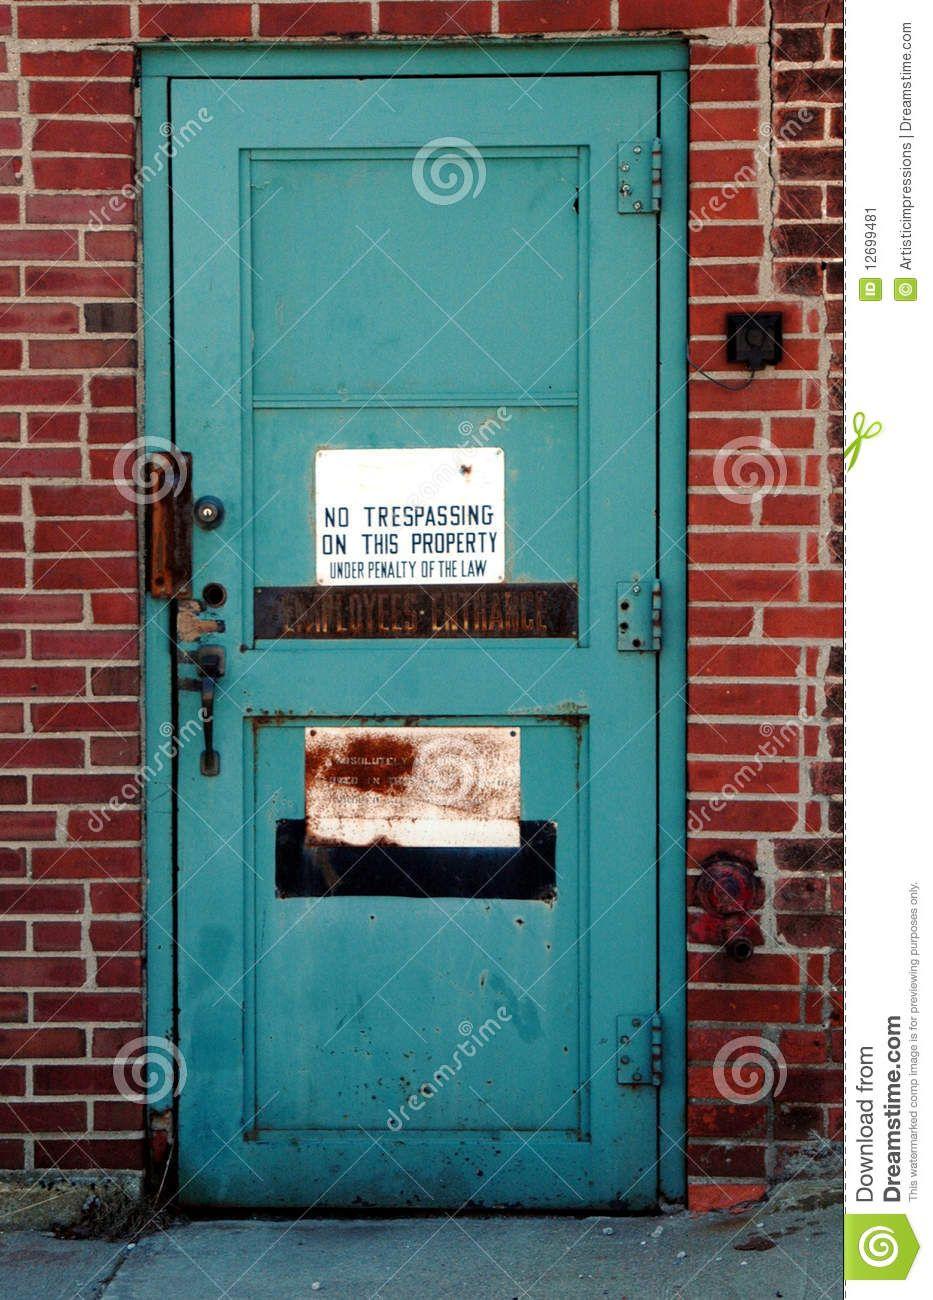 old-warehouse-door-12699481.jpg (933×1300) & old-warehouse-door-12699481.jpg (933×1300) | Kleiner\u0027s Lab - Ref ...